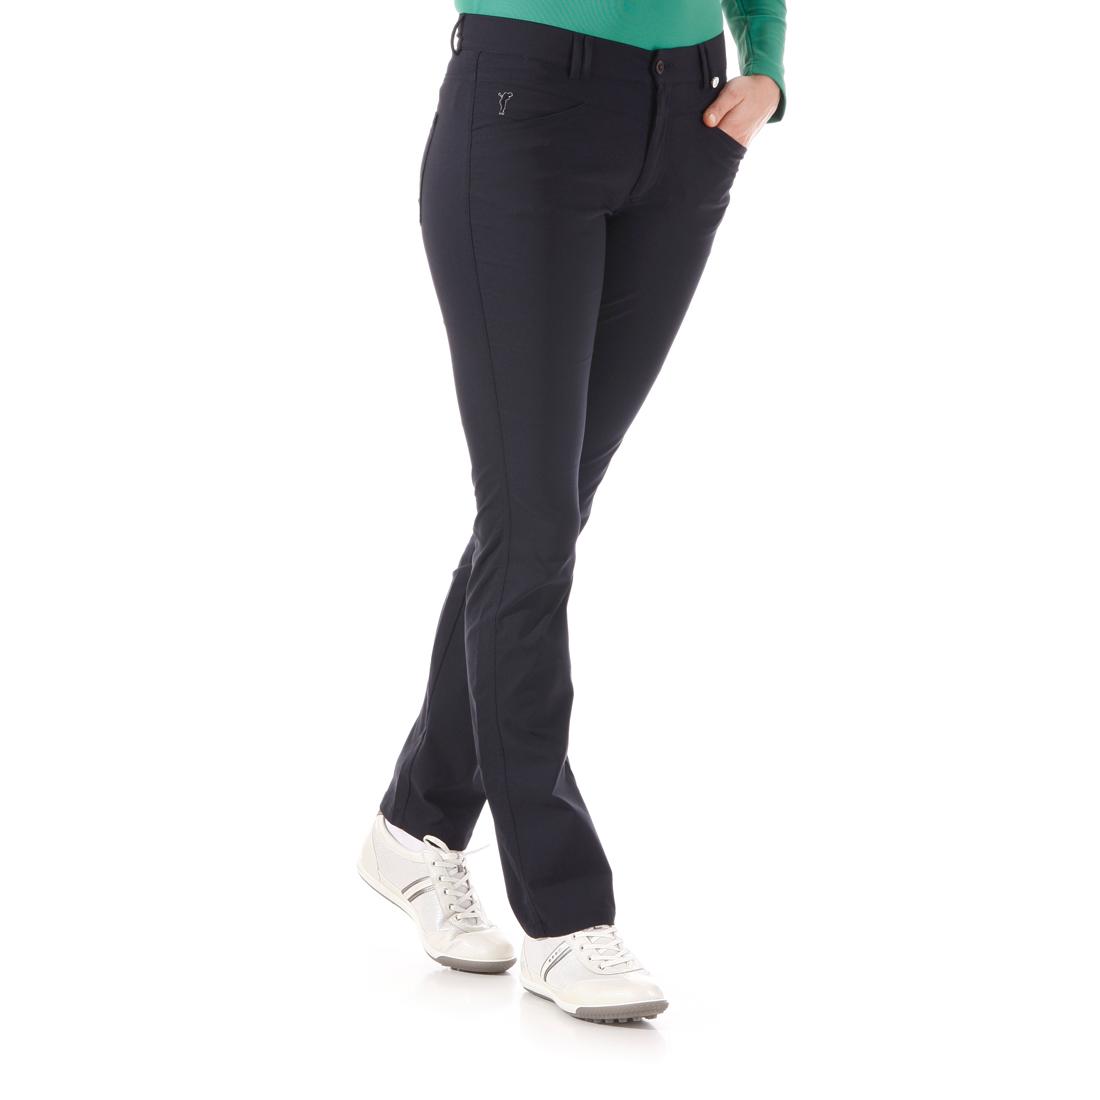 Damen Techno-Stretch-Hose